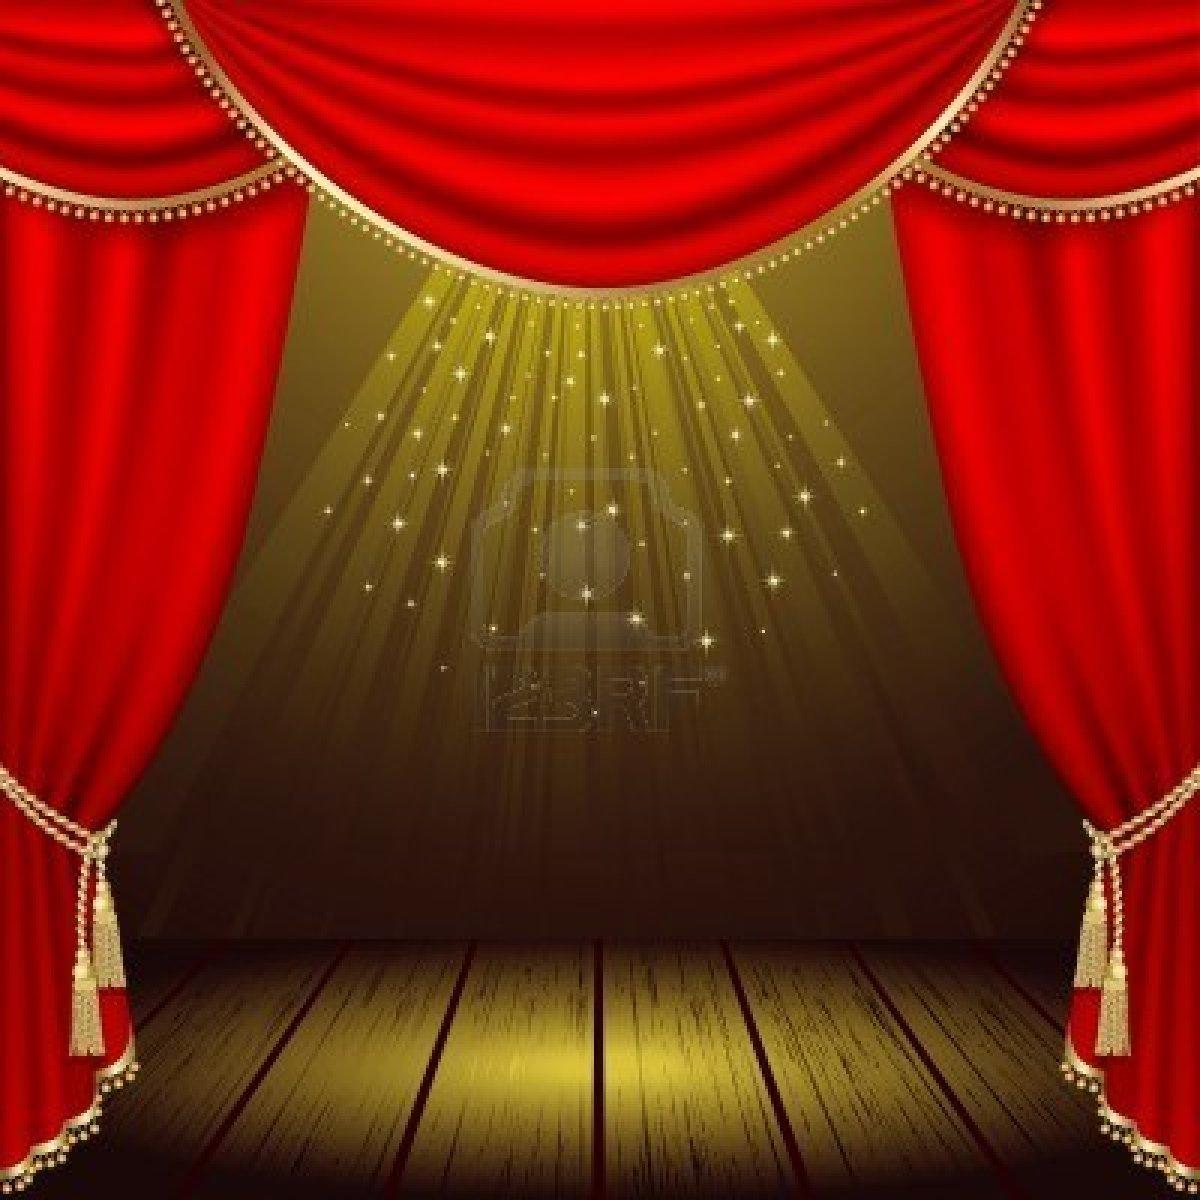 Anonciata Herve - Hypnothérapeute - Sophrologue - Saint destiné Rideau De Theatre